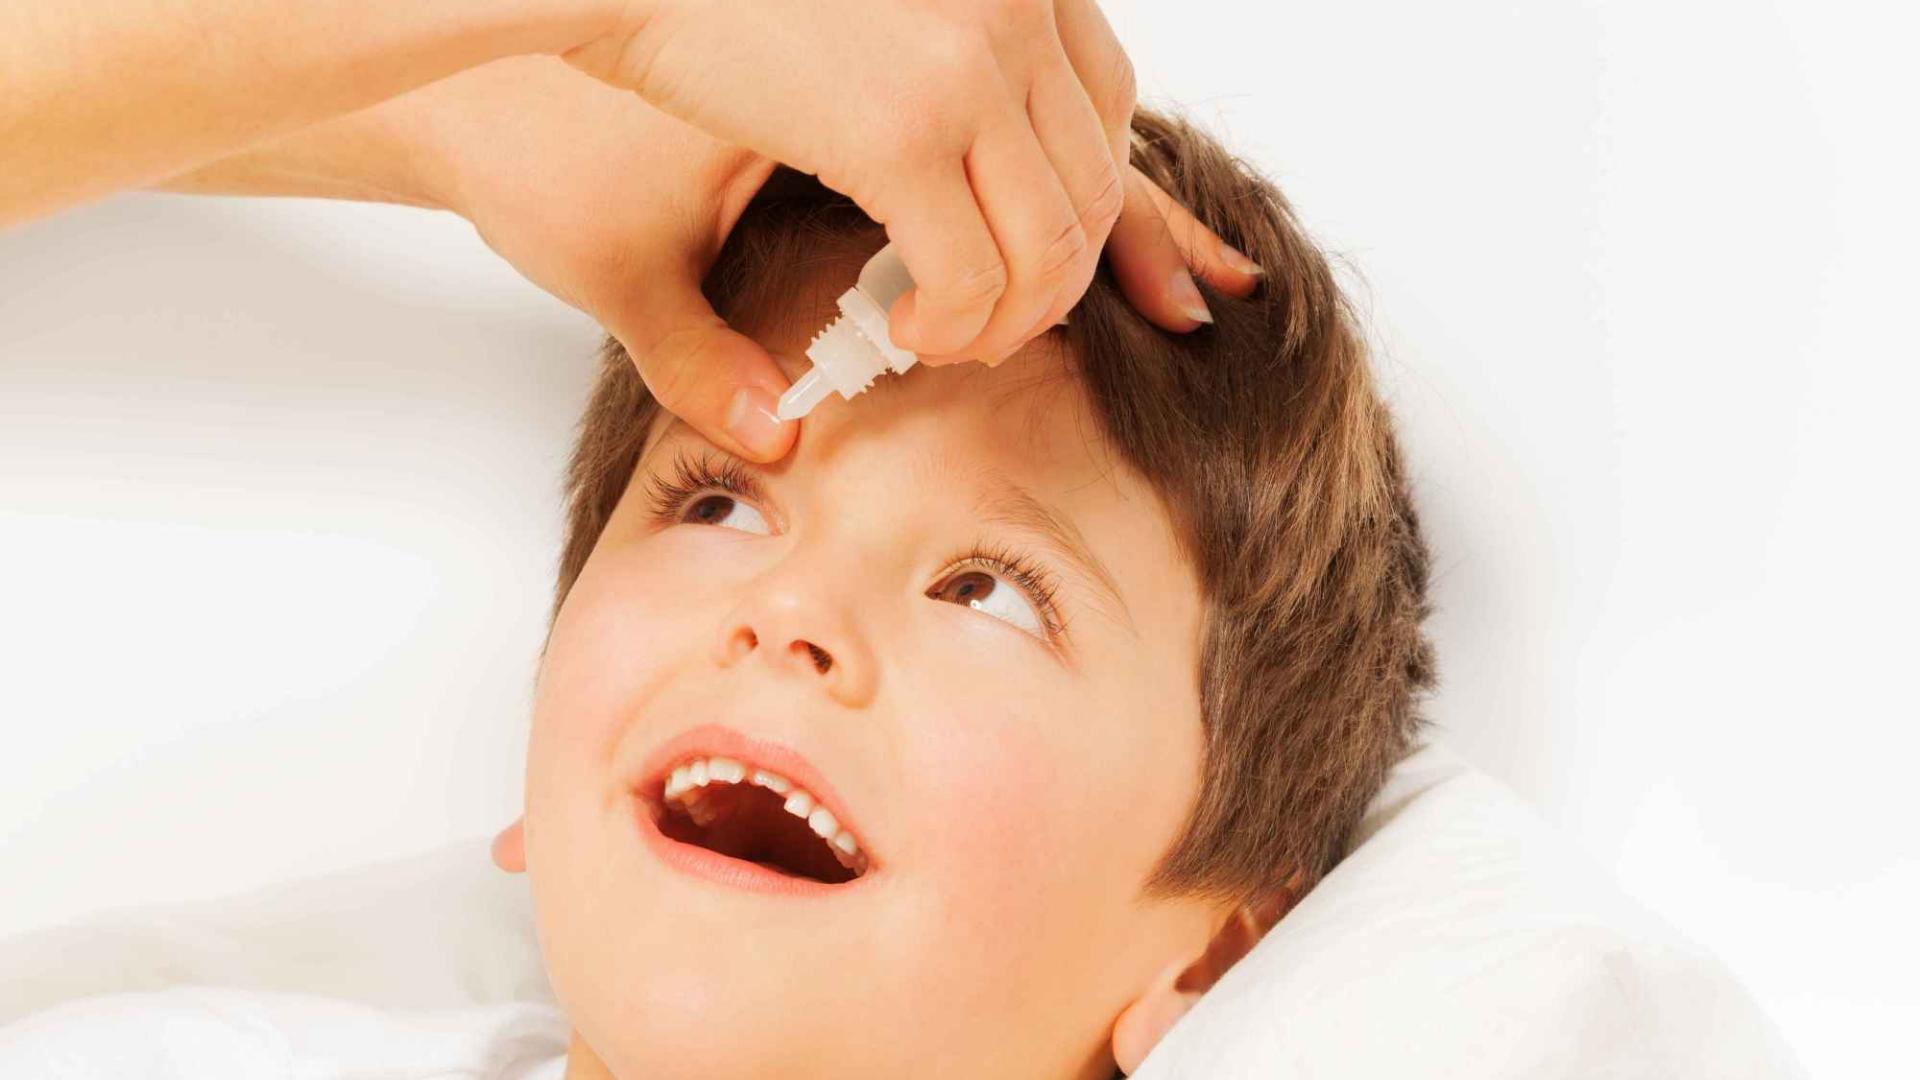 Rolul picaturilor in cadrul unui examen oftalmologic